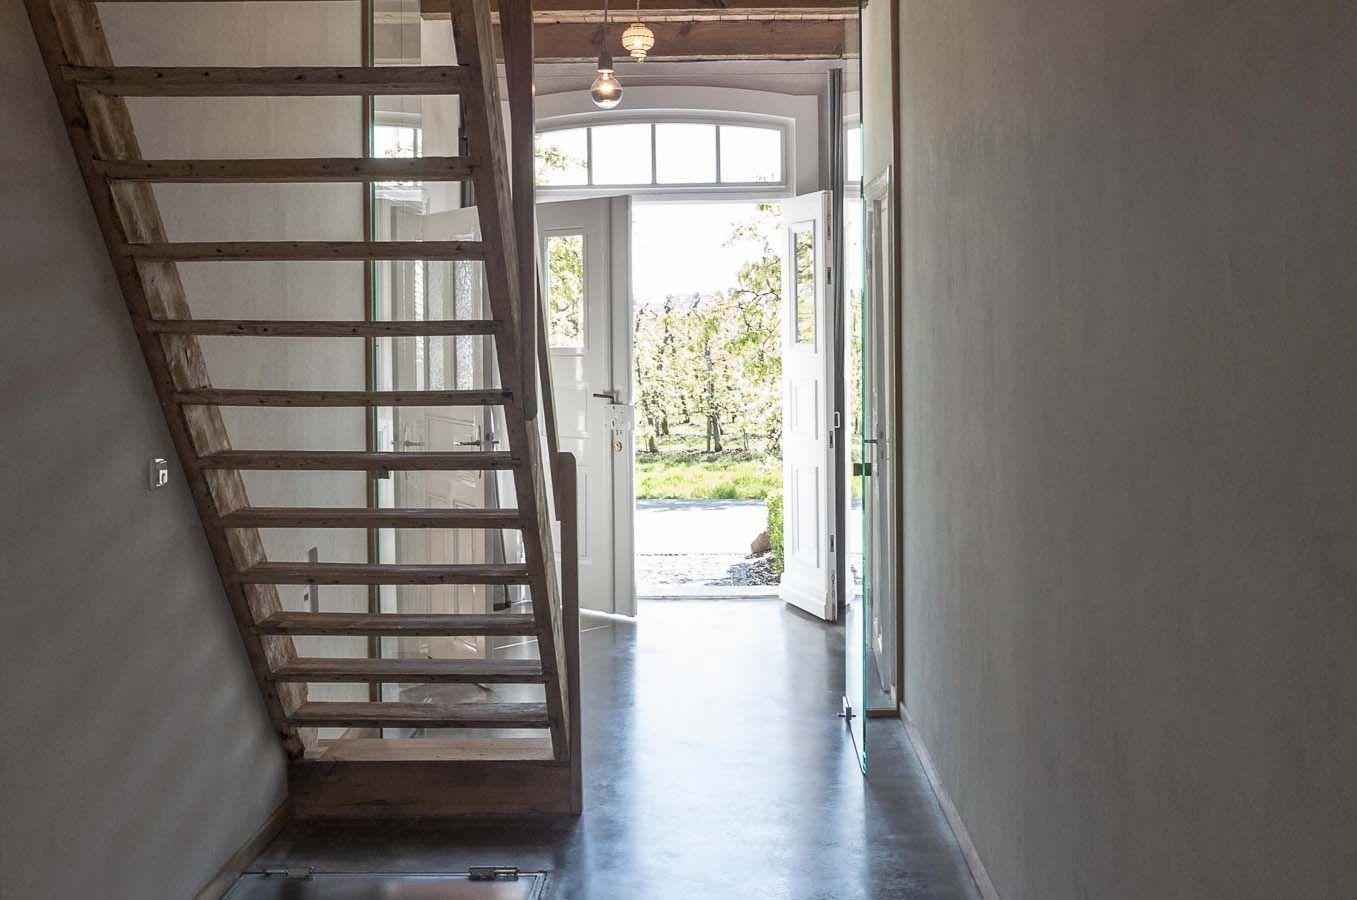 licht ausblick lichtdurchflutet beton boden verzinkt holzdecke vorhang filz treppe. Black Bedroom Furniture Sets. Home Design Ideas